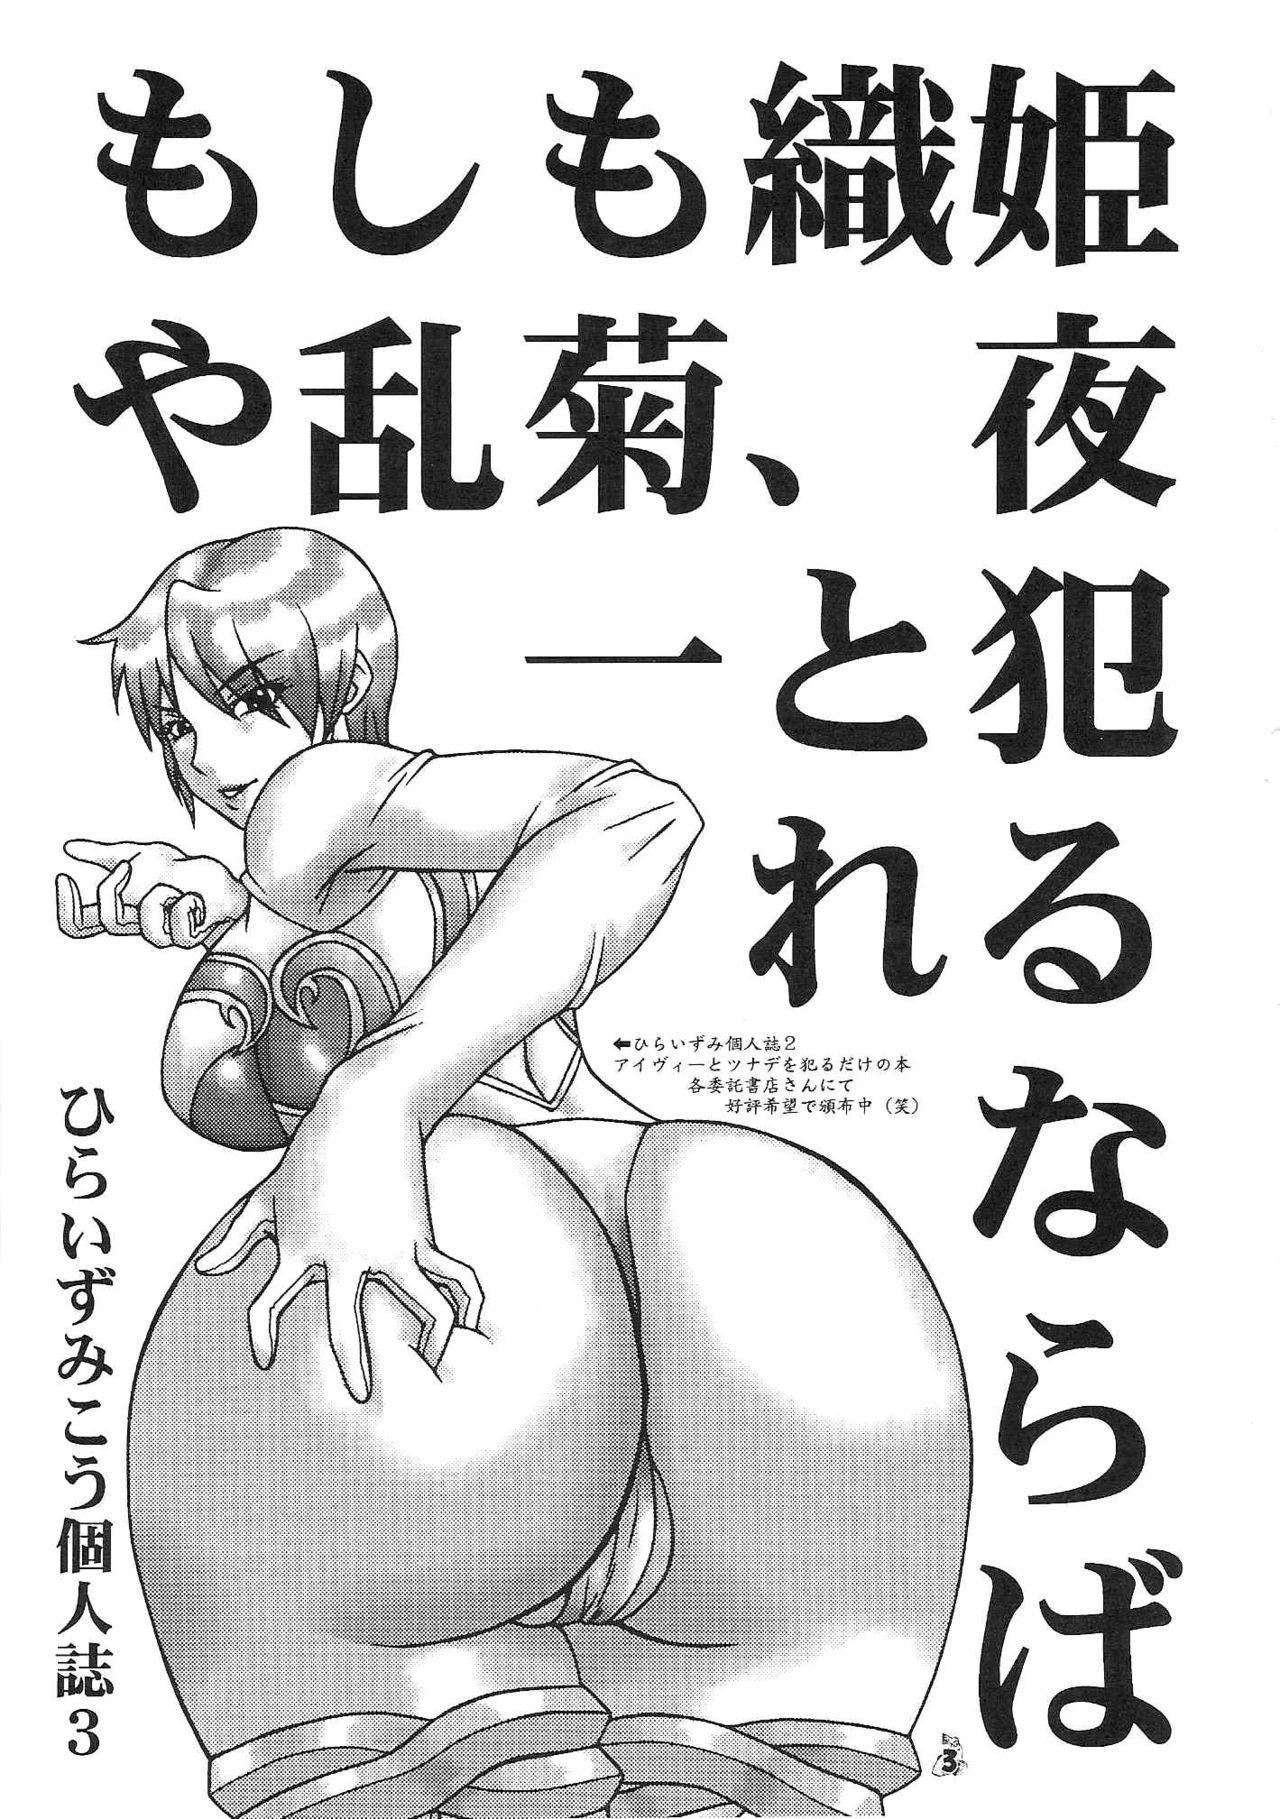 Moshimo Orihime ya Rangiku, Yo Ichi to Okarerunagara 1